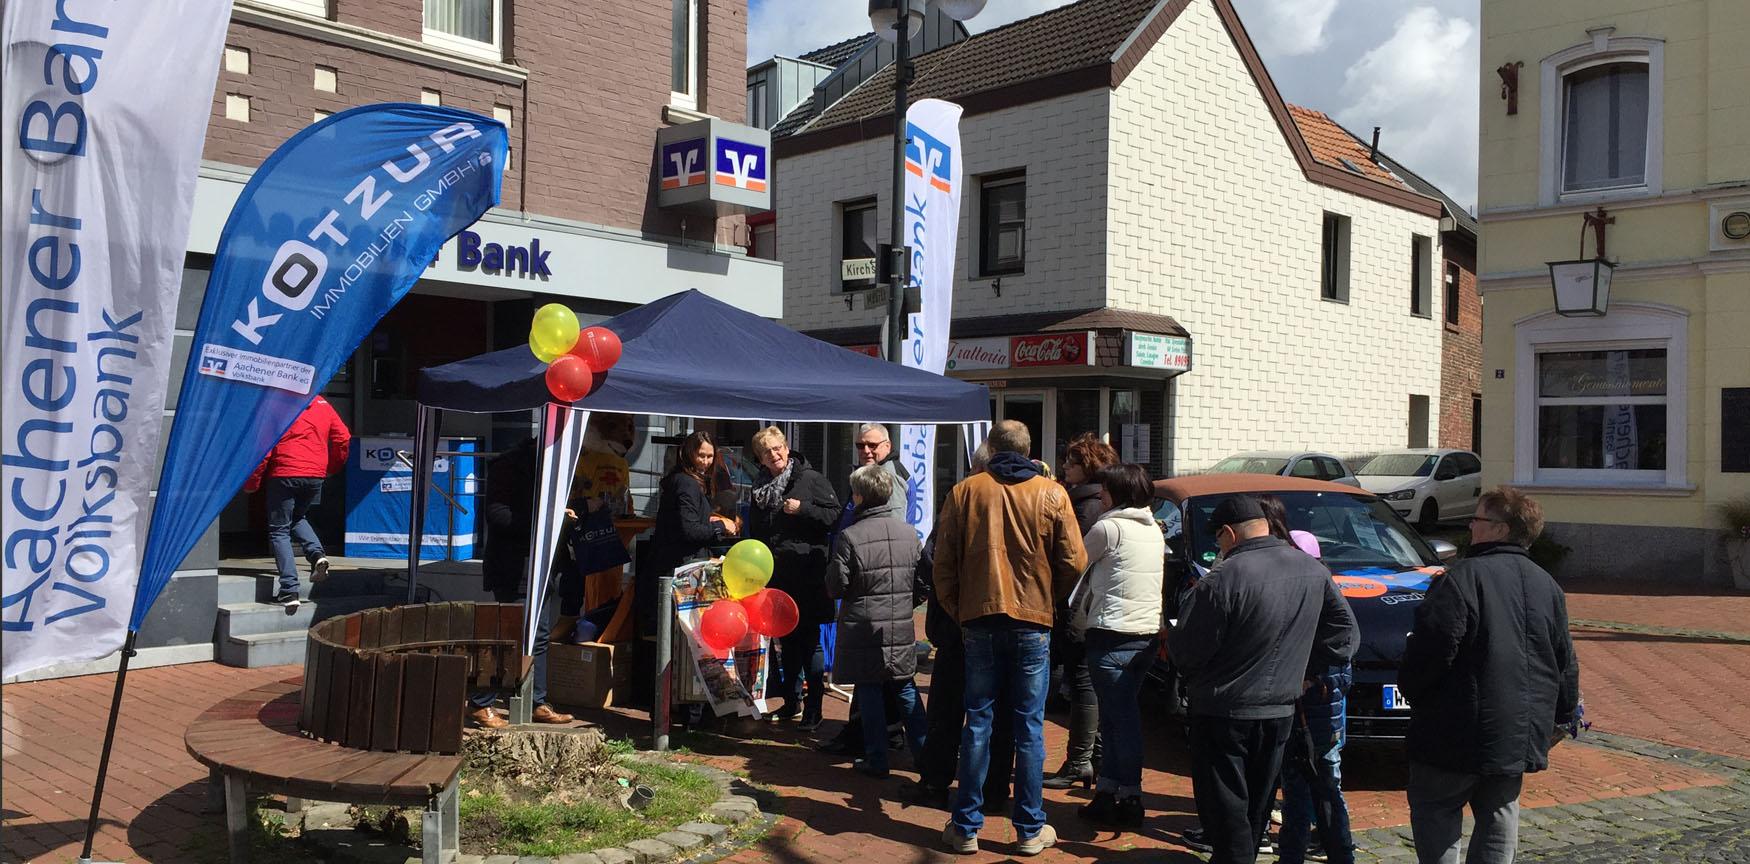 Bank_klein